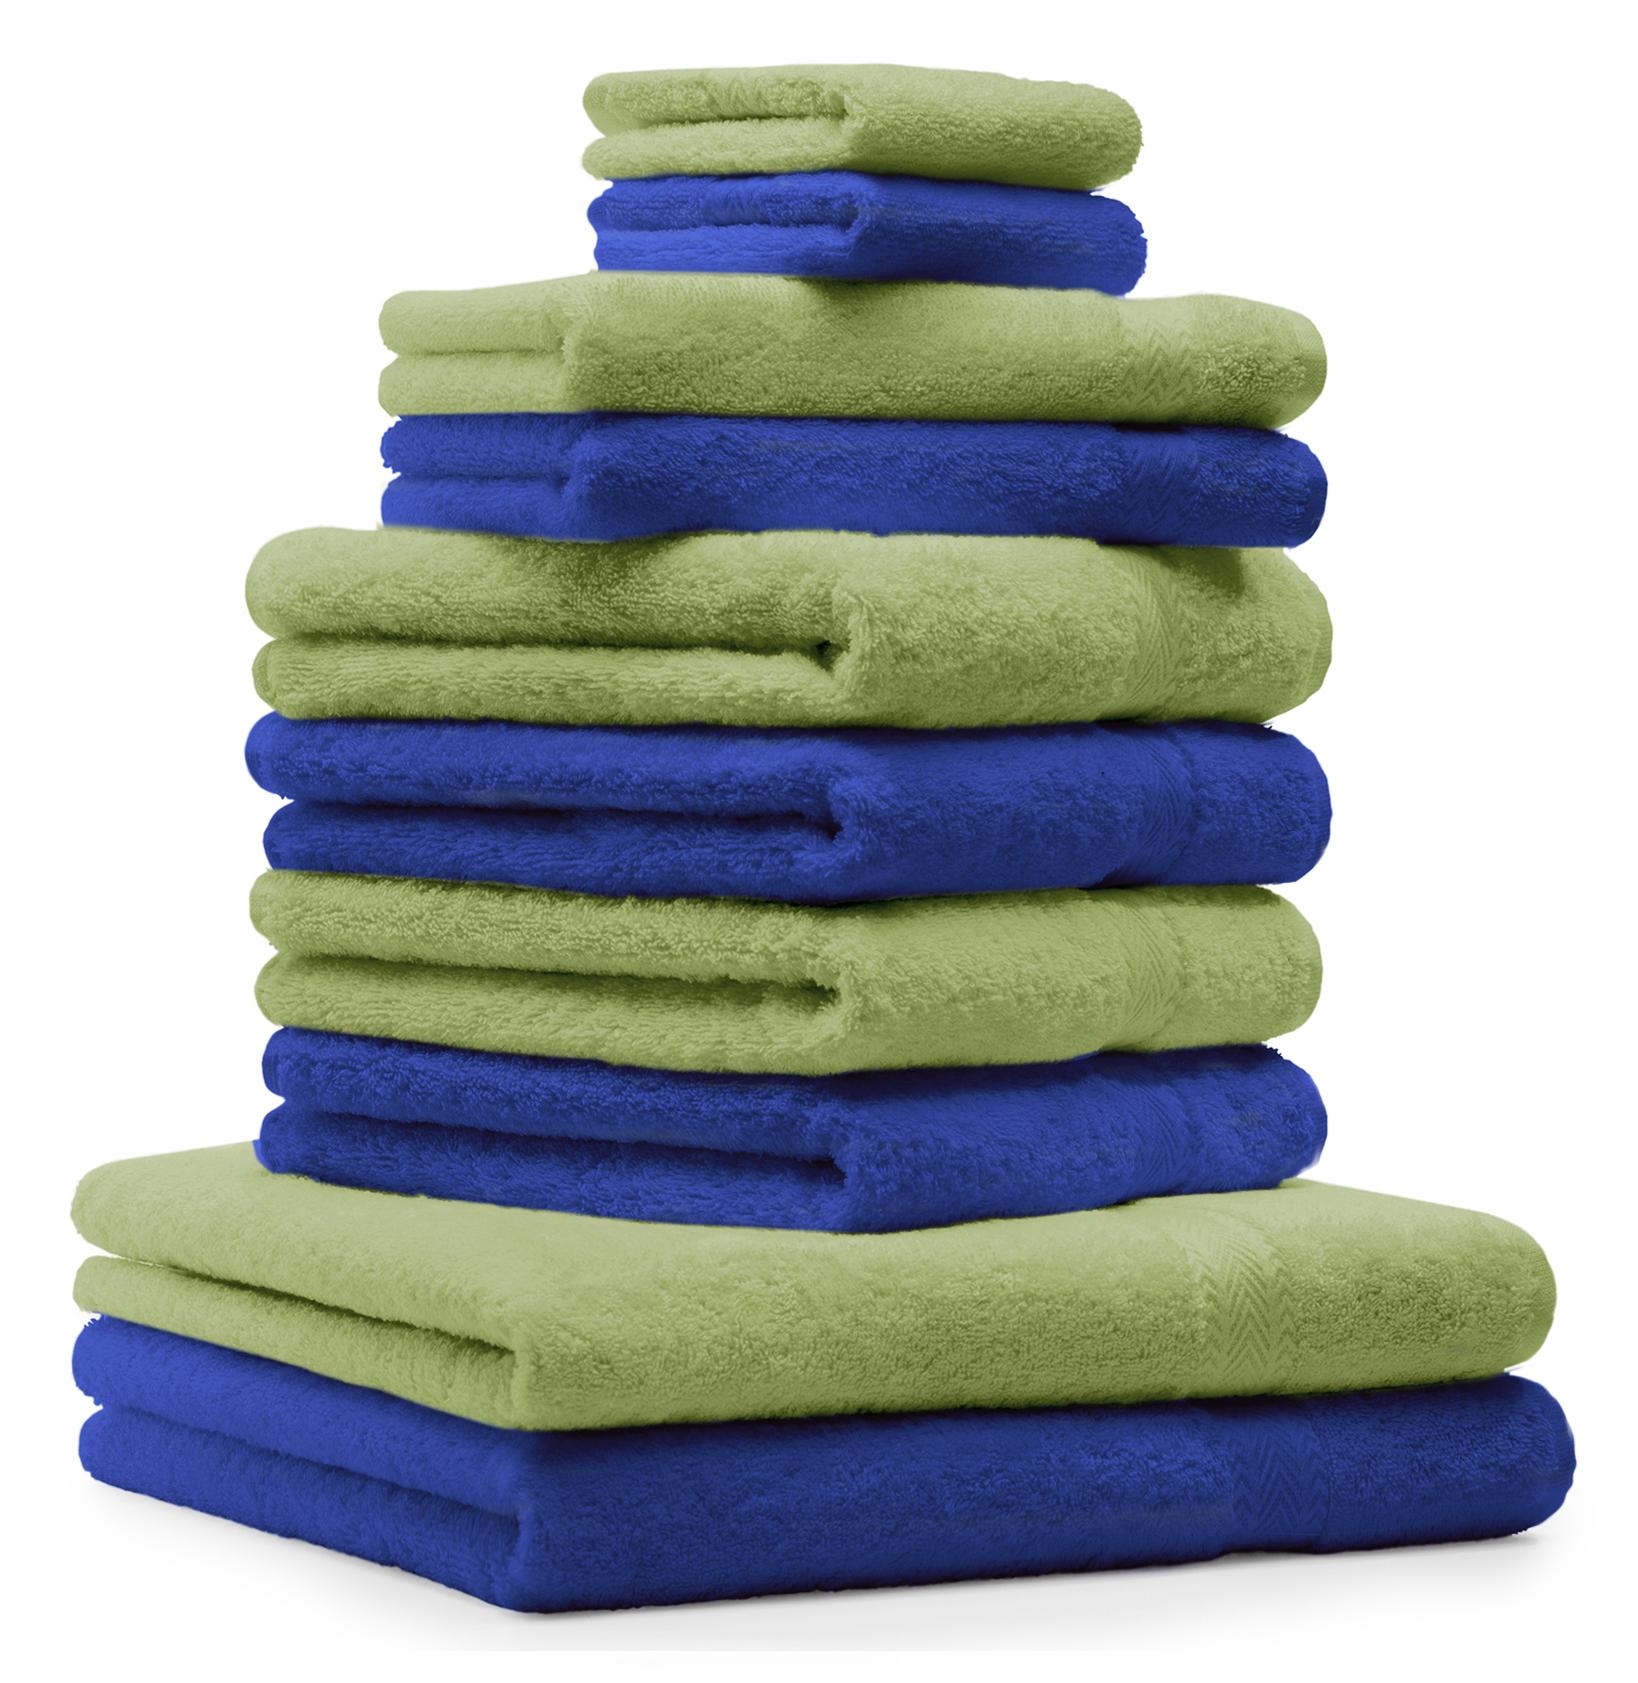 betz 10 tlg handtuch set classic 100 baumwolle 2. Black Bedroom Furniture Sets. Home Design Ideas